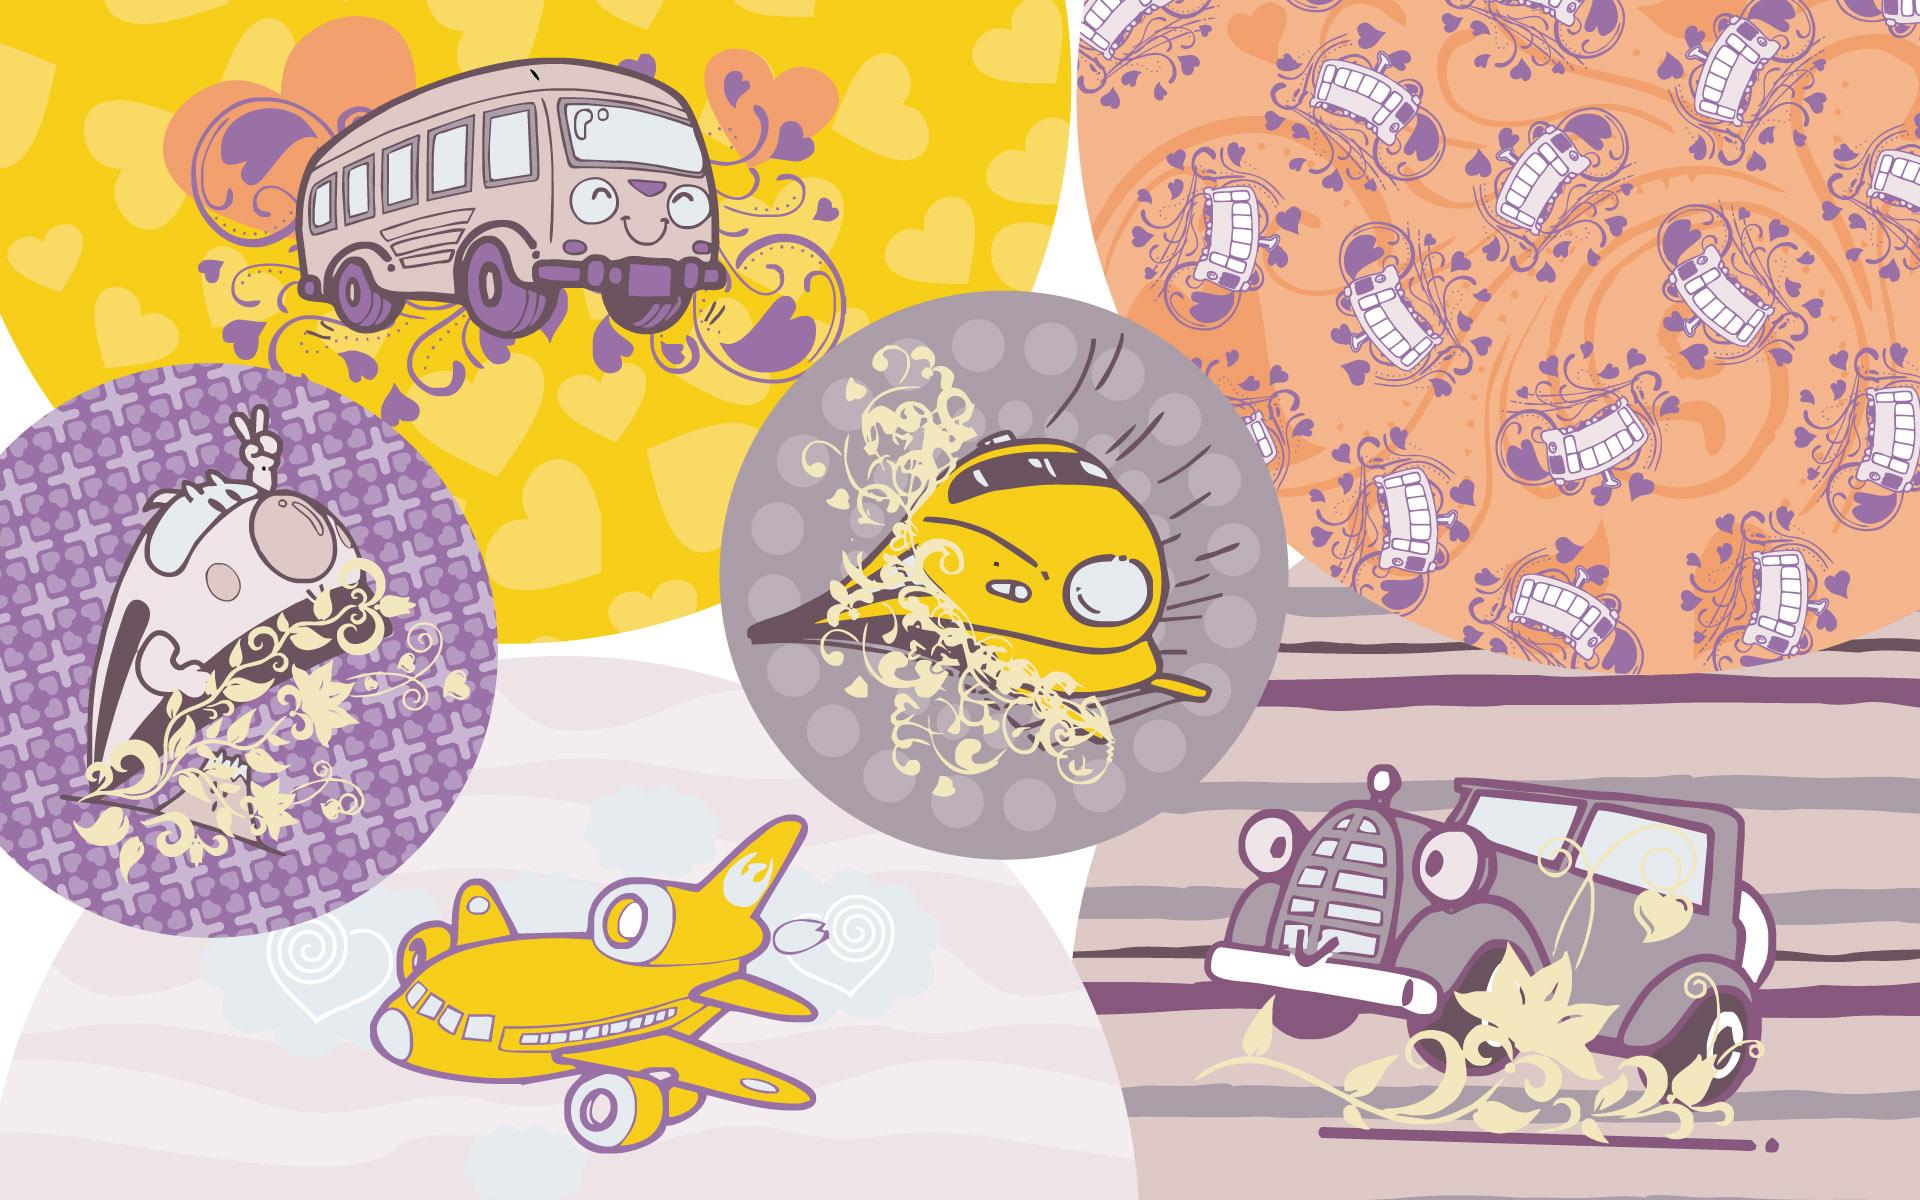 壁纸1920×1200矢量可爱卡通宽屏壁纸 壁纸11壁纸 矢量可爱卡通宽屏壁纸壁纸图片动漫壁纸动漫图片素材桌面壁纸